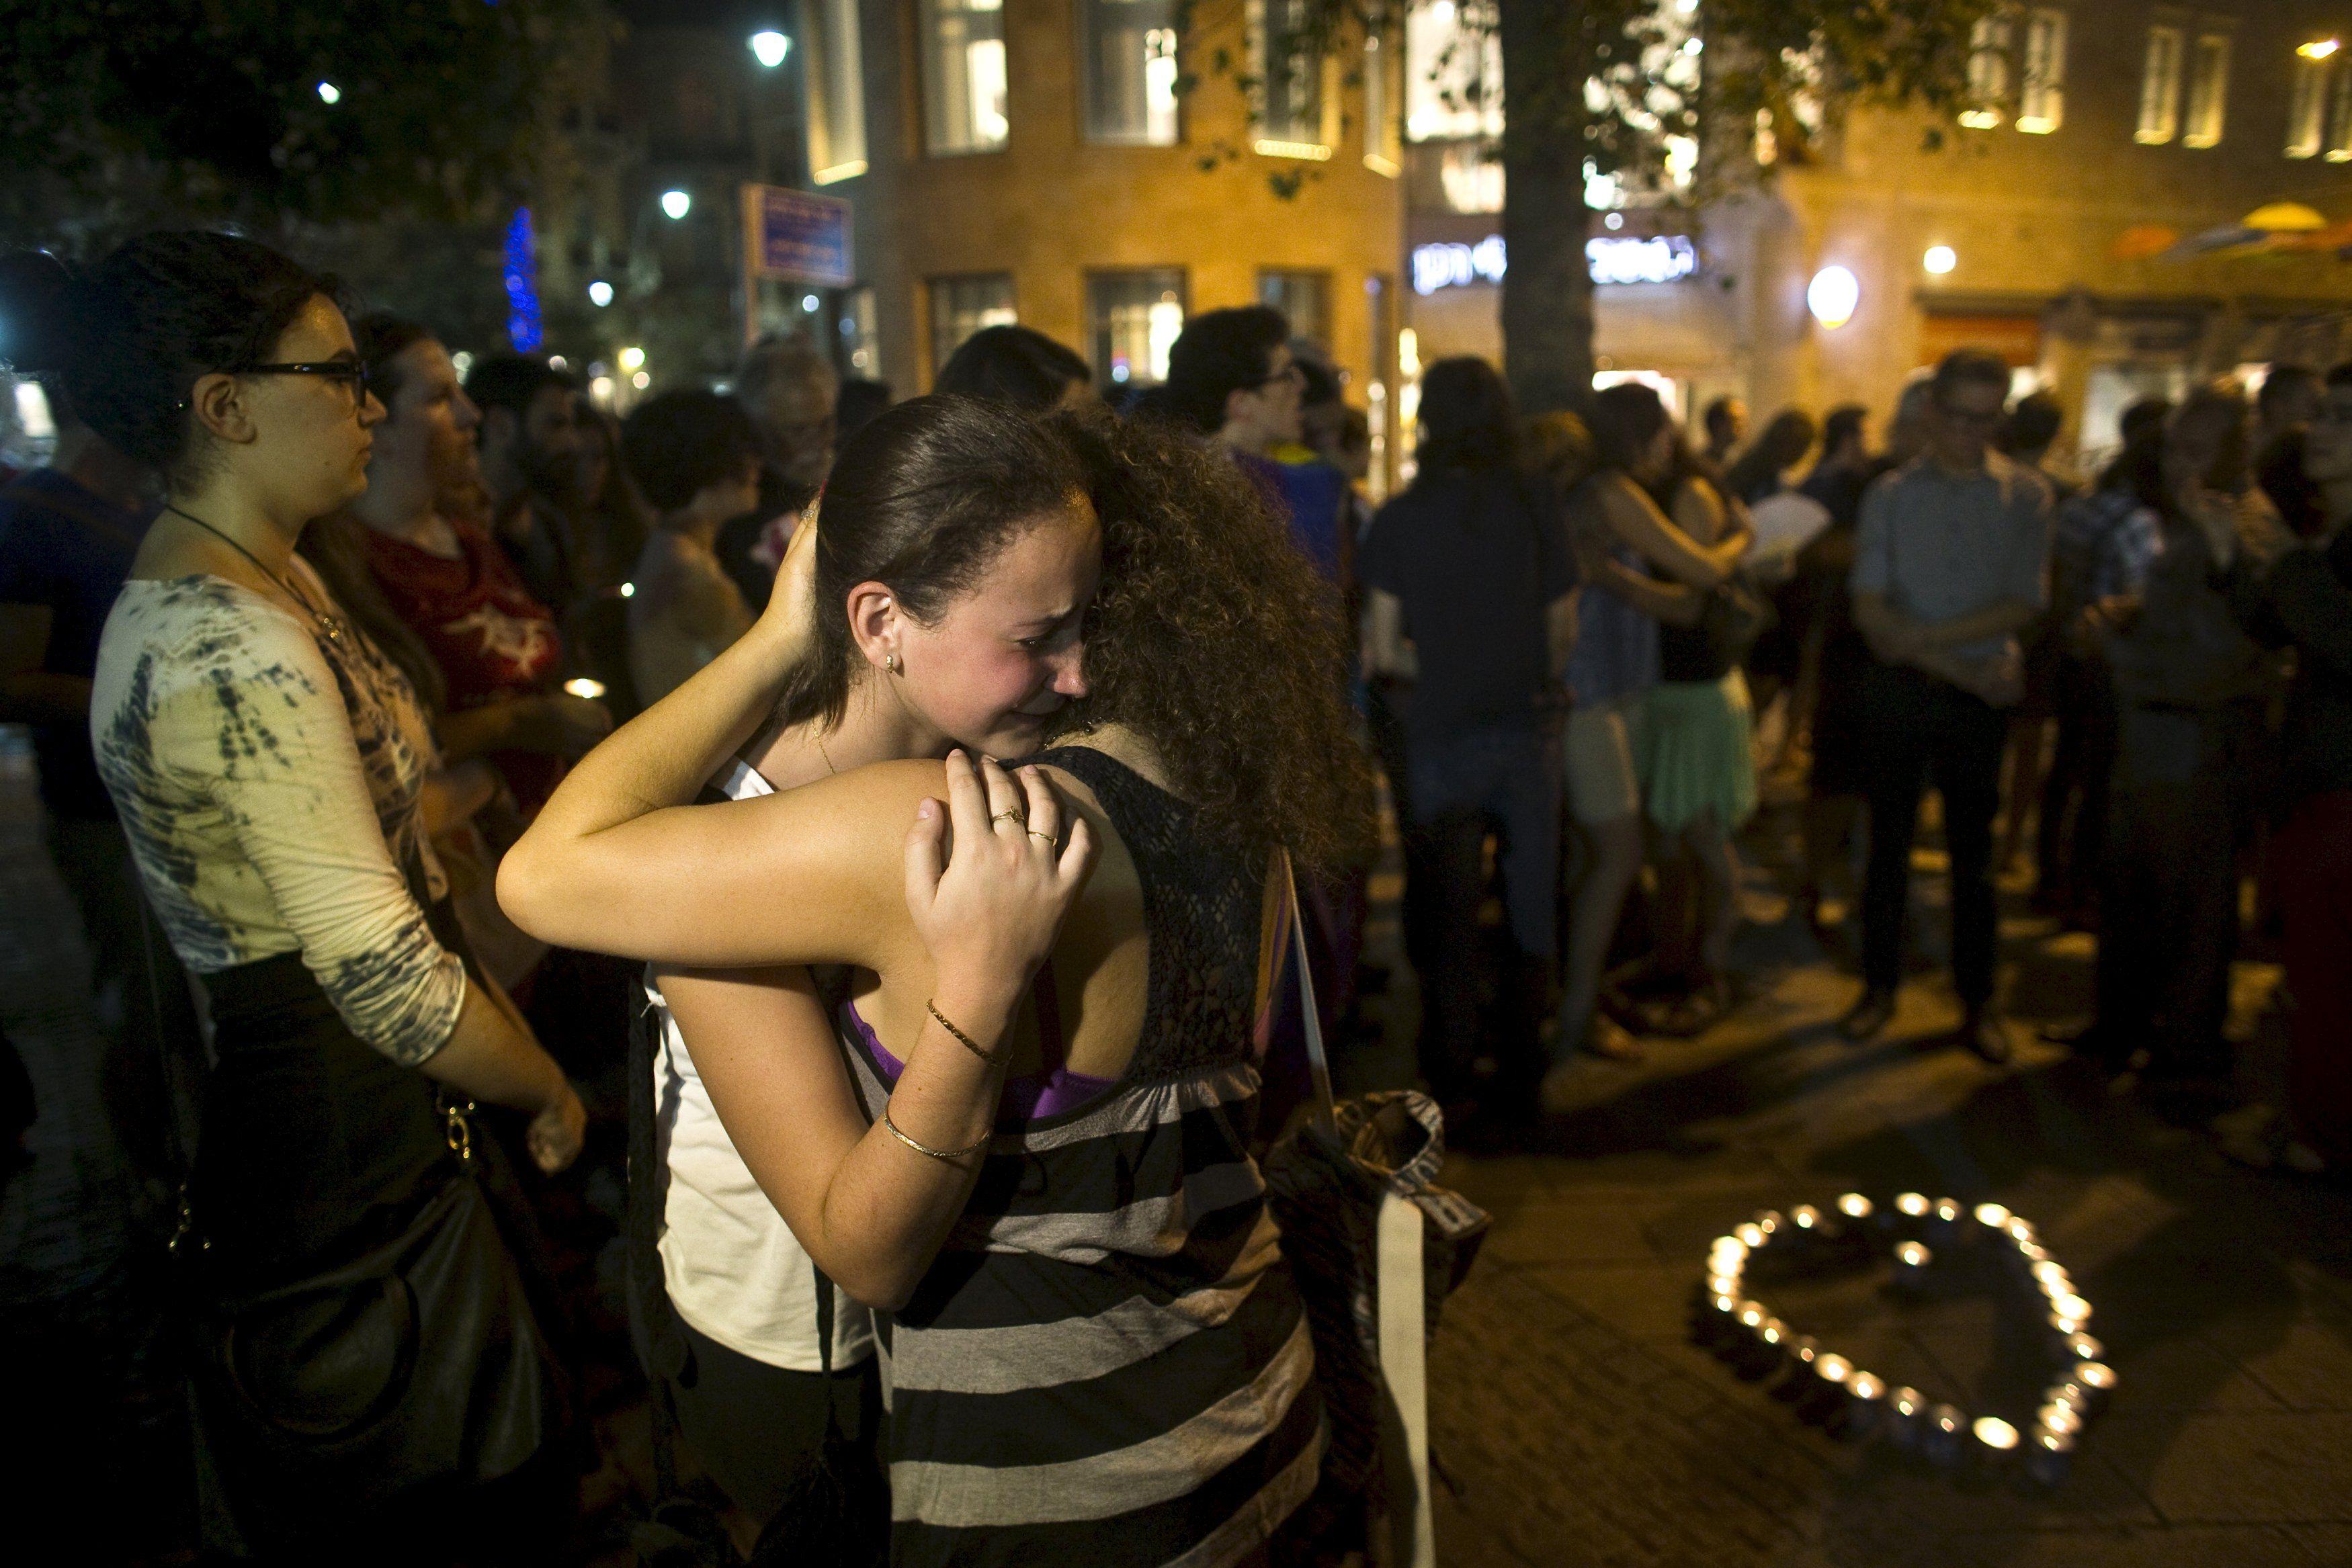 Morre adolescente esfaqueada na Parada Gay de Jerusalém